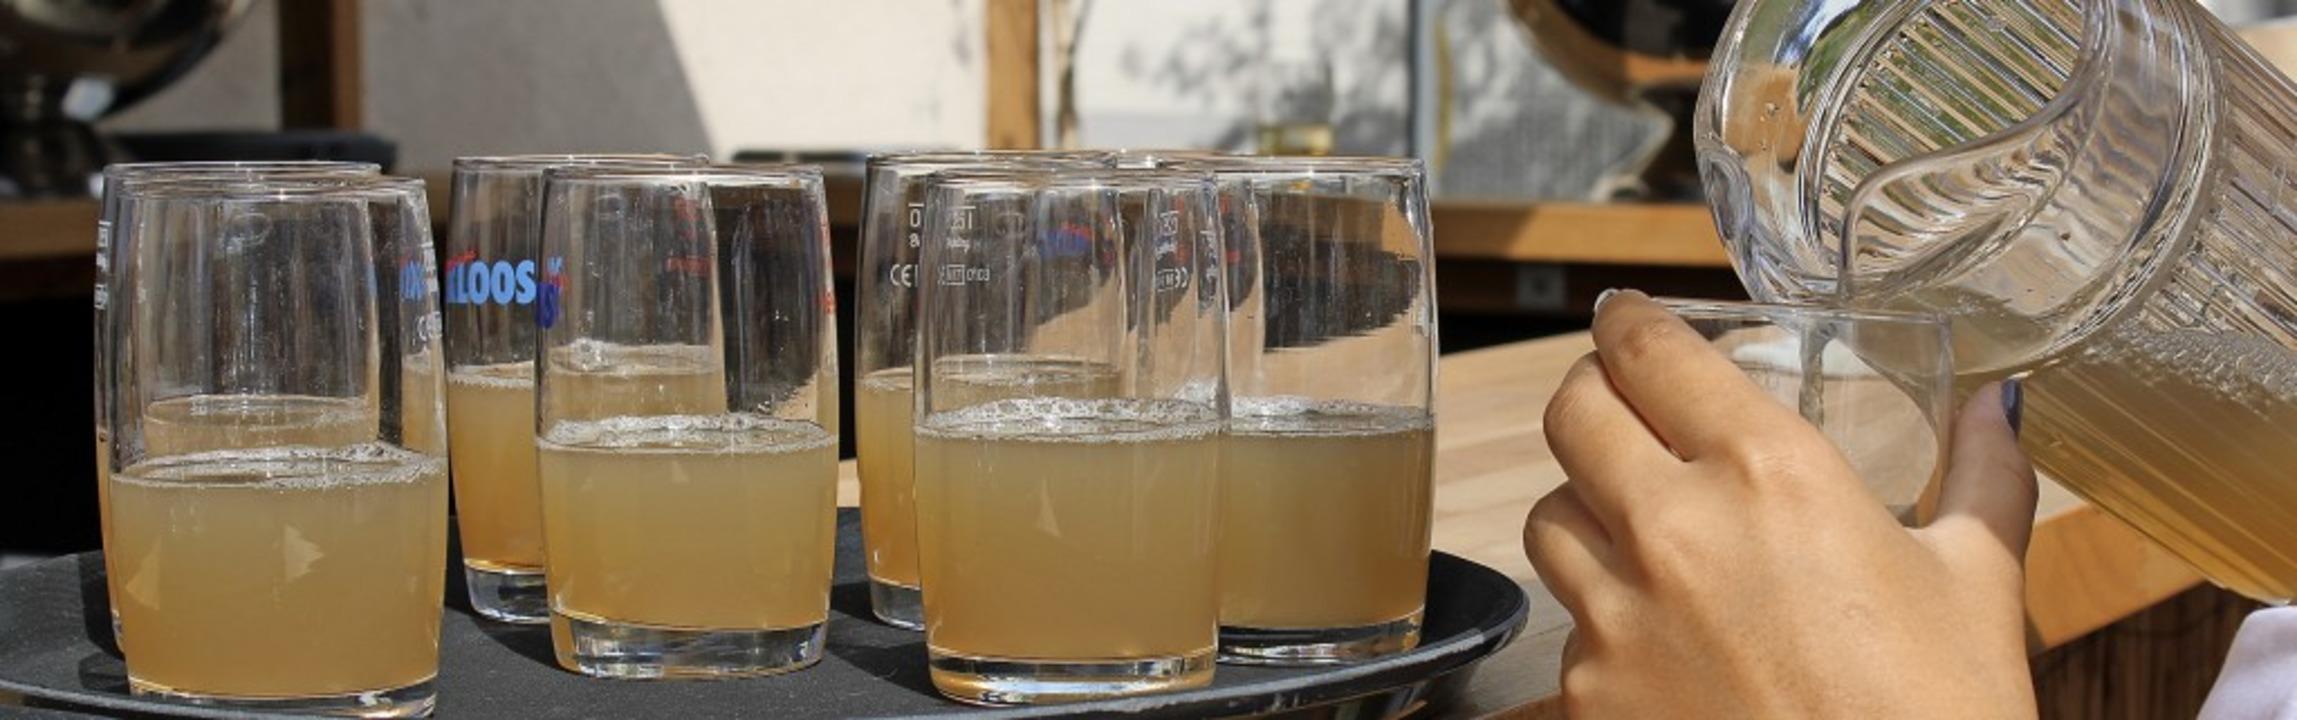 So fängt's an: Beim Weinfest in ...s auch frisch gepressten Traubensaft.   | Foto: Annika Sindlinger